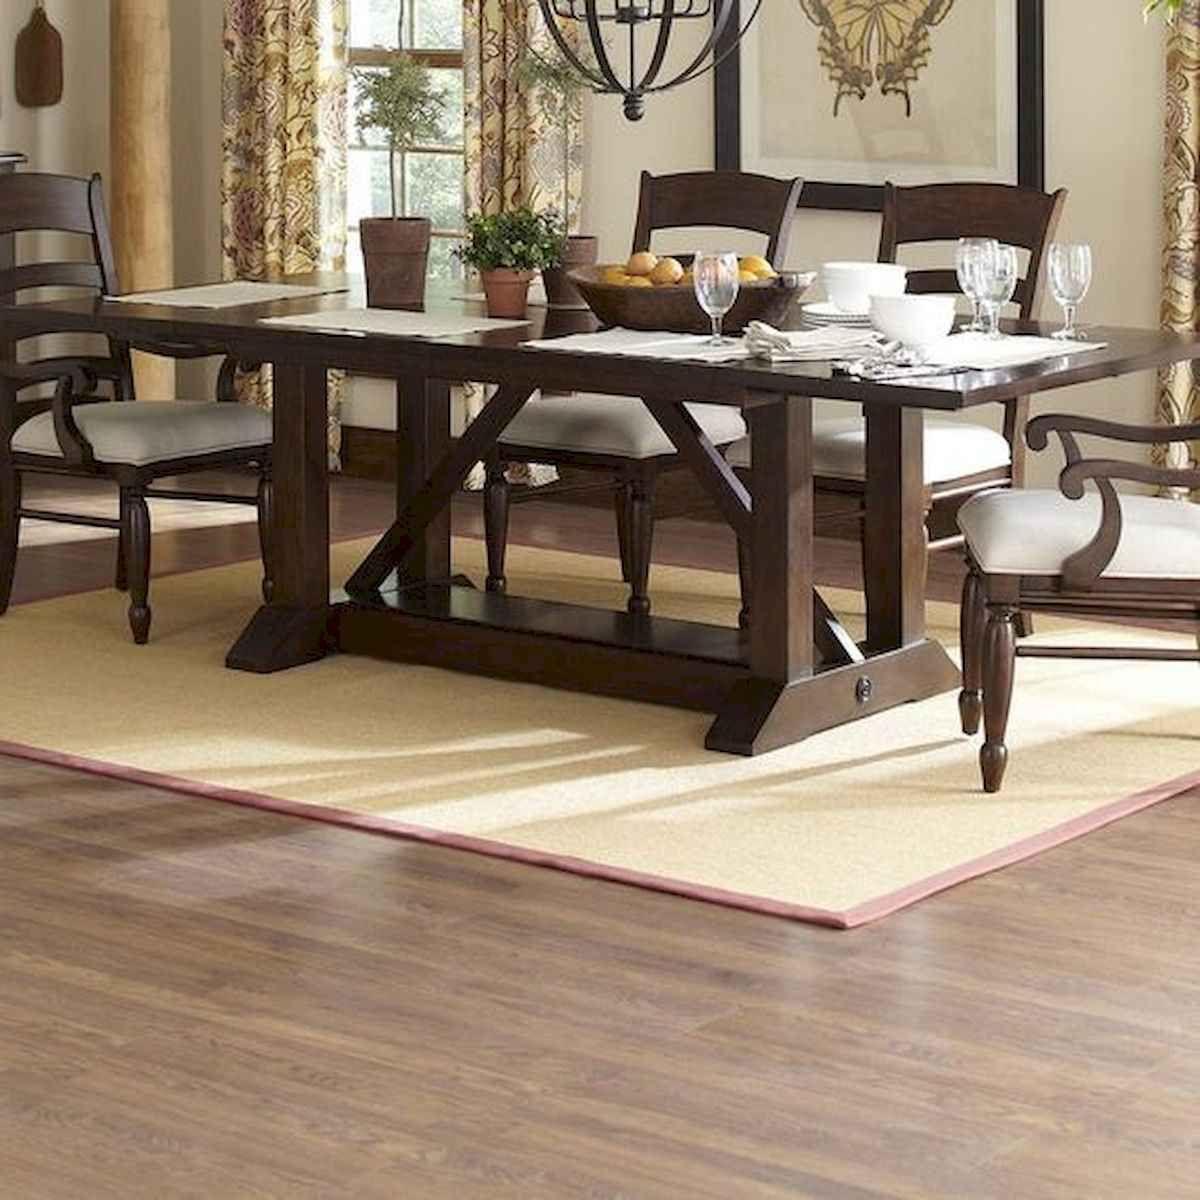 extendable farmhouse table plans